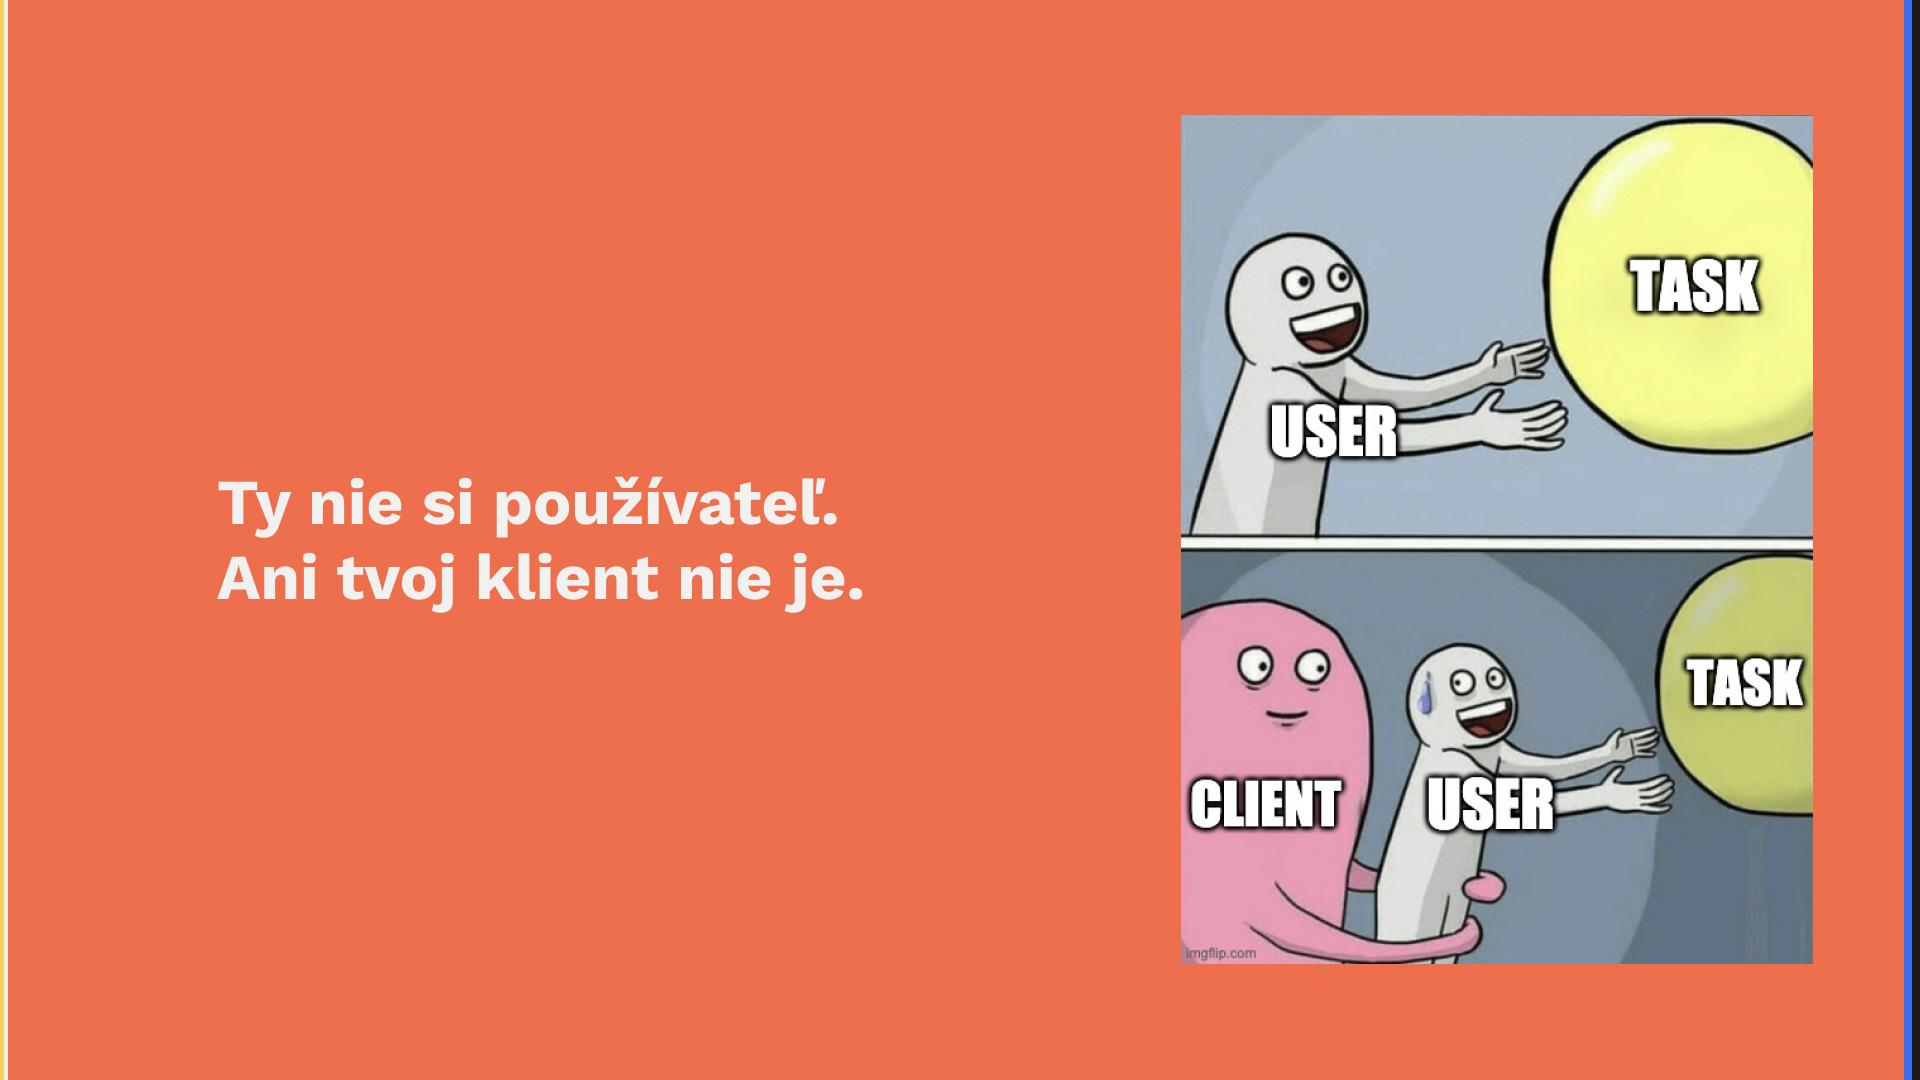 Pre úspešny digitálny produkt je potrebné myslieť na používateľa.